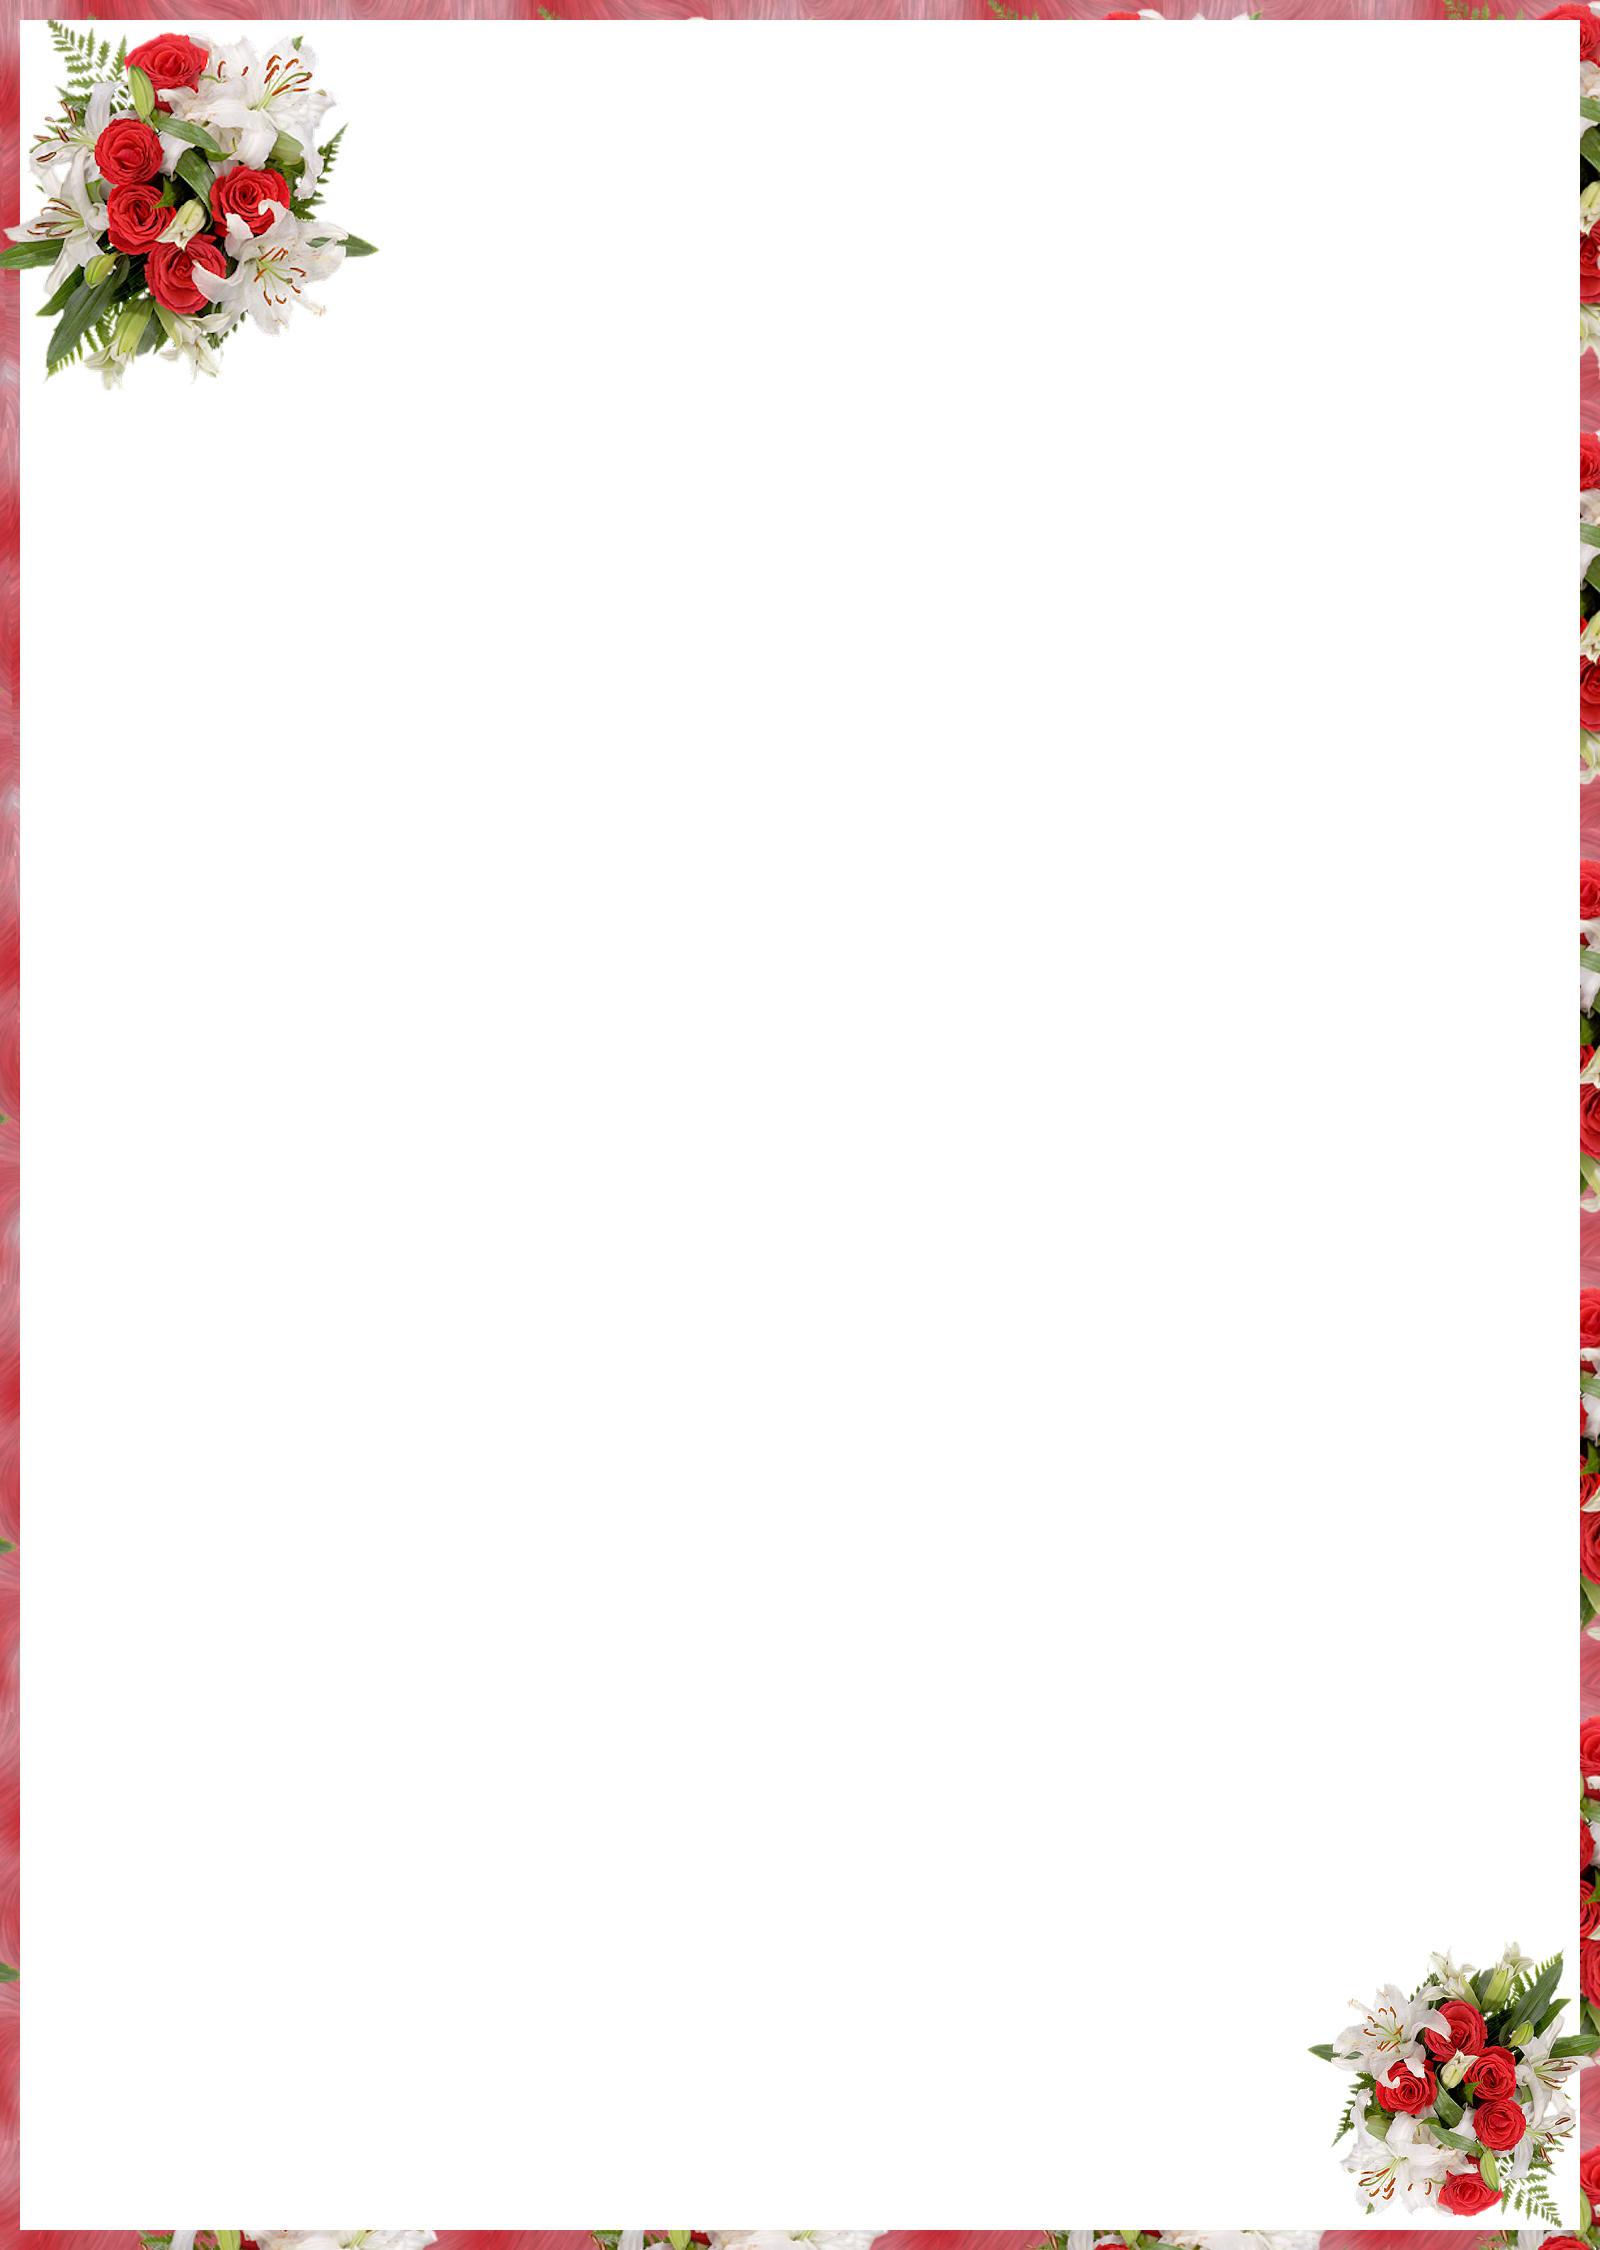 Image Papier À Lettre Noel À Imprimer Gratuitement destiné Papier A Lettre Noel